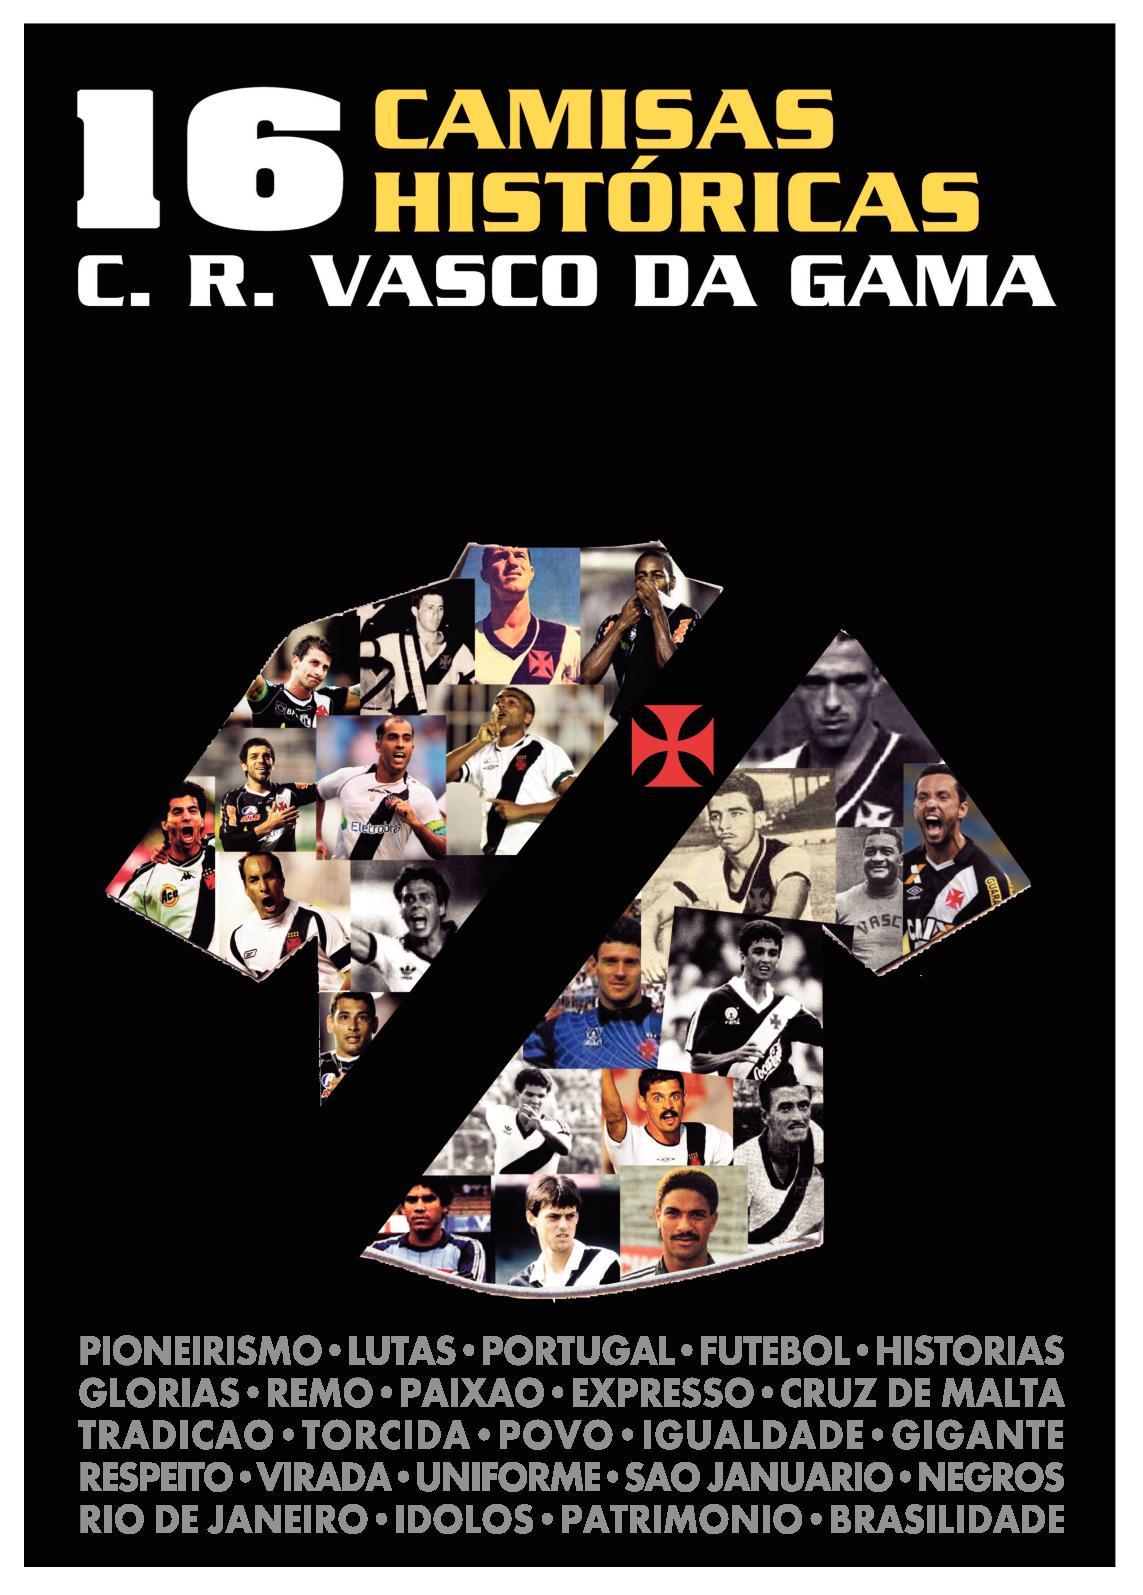 16 Camisas Históricas Vasco da Gama